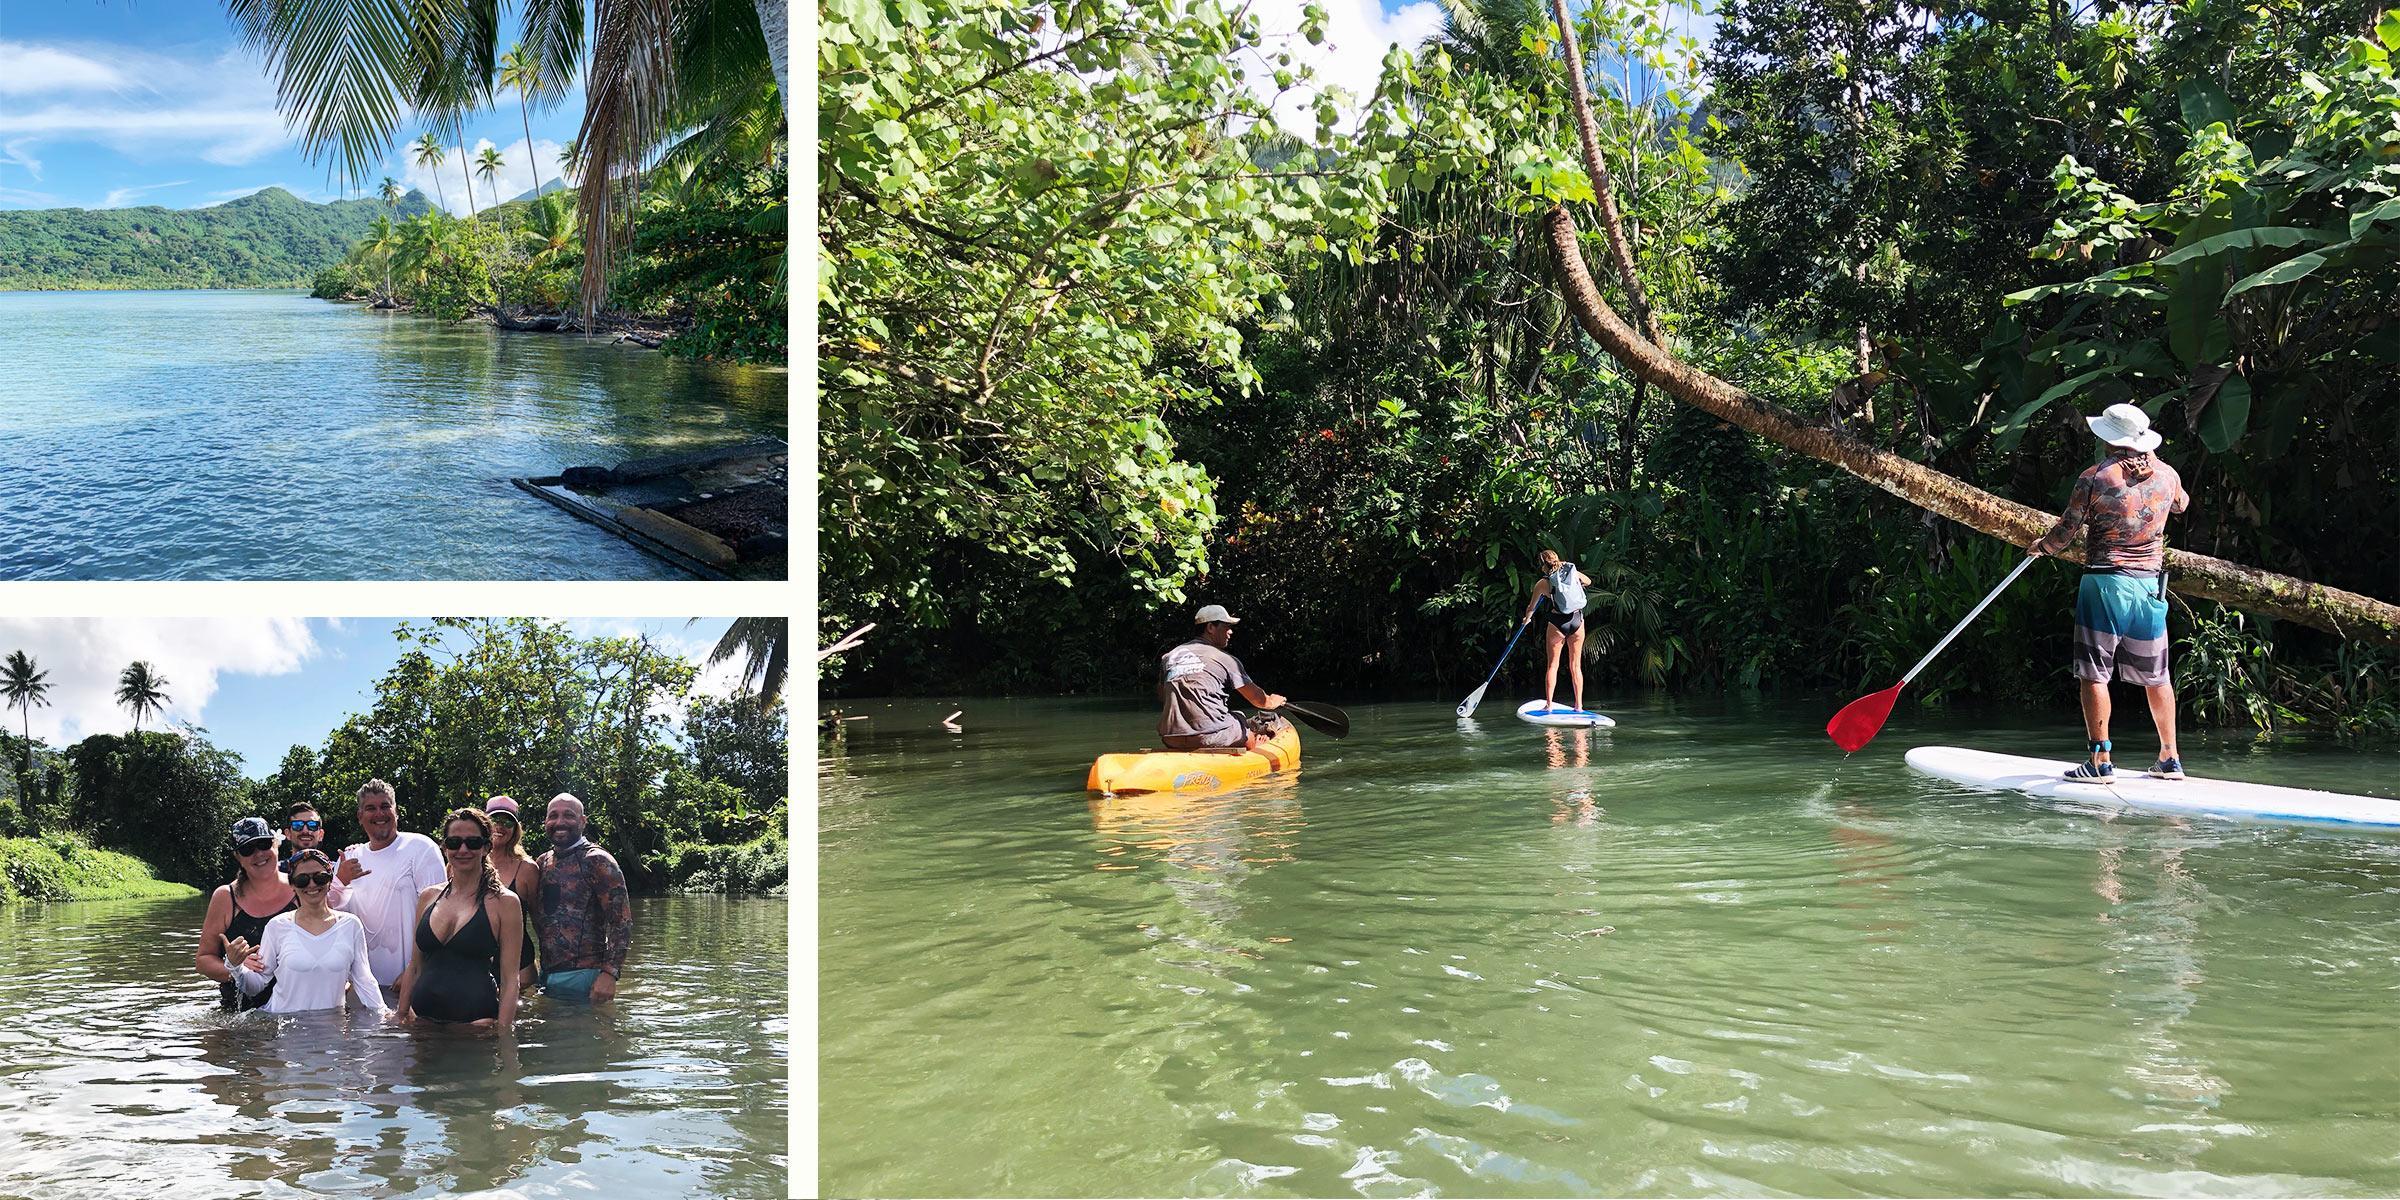 Raiatea Tahiti Faaroa Bay River Tour